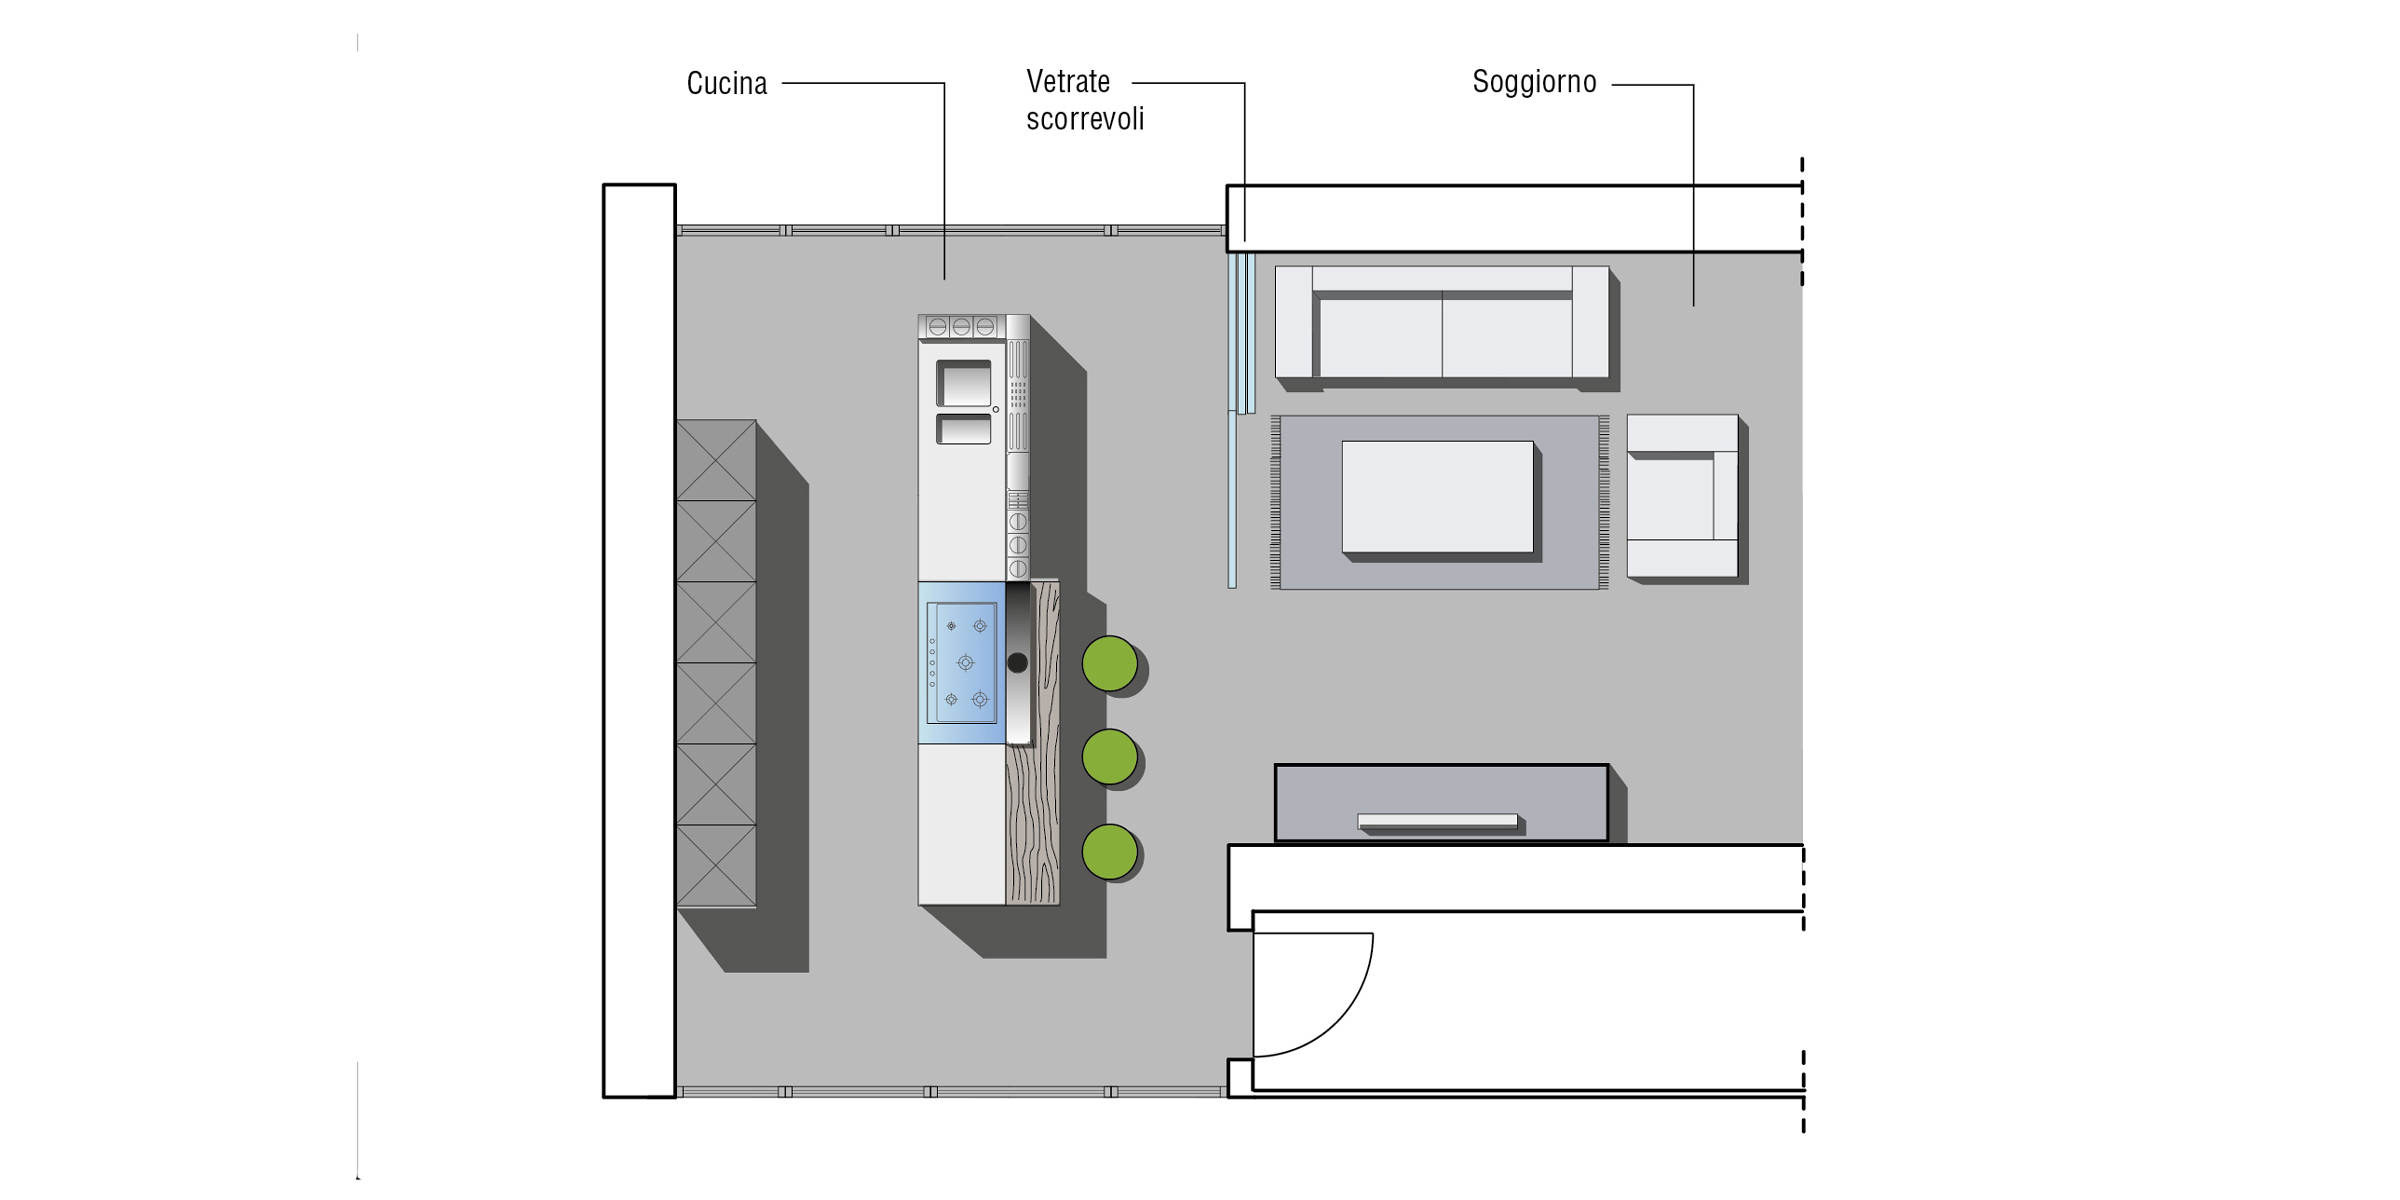 cucina con vetrate scorrevoli | progettazione | valcucine - Vetrata Soggiorno Cucina